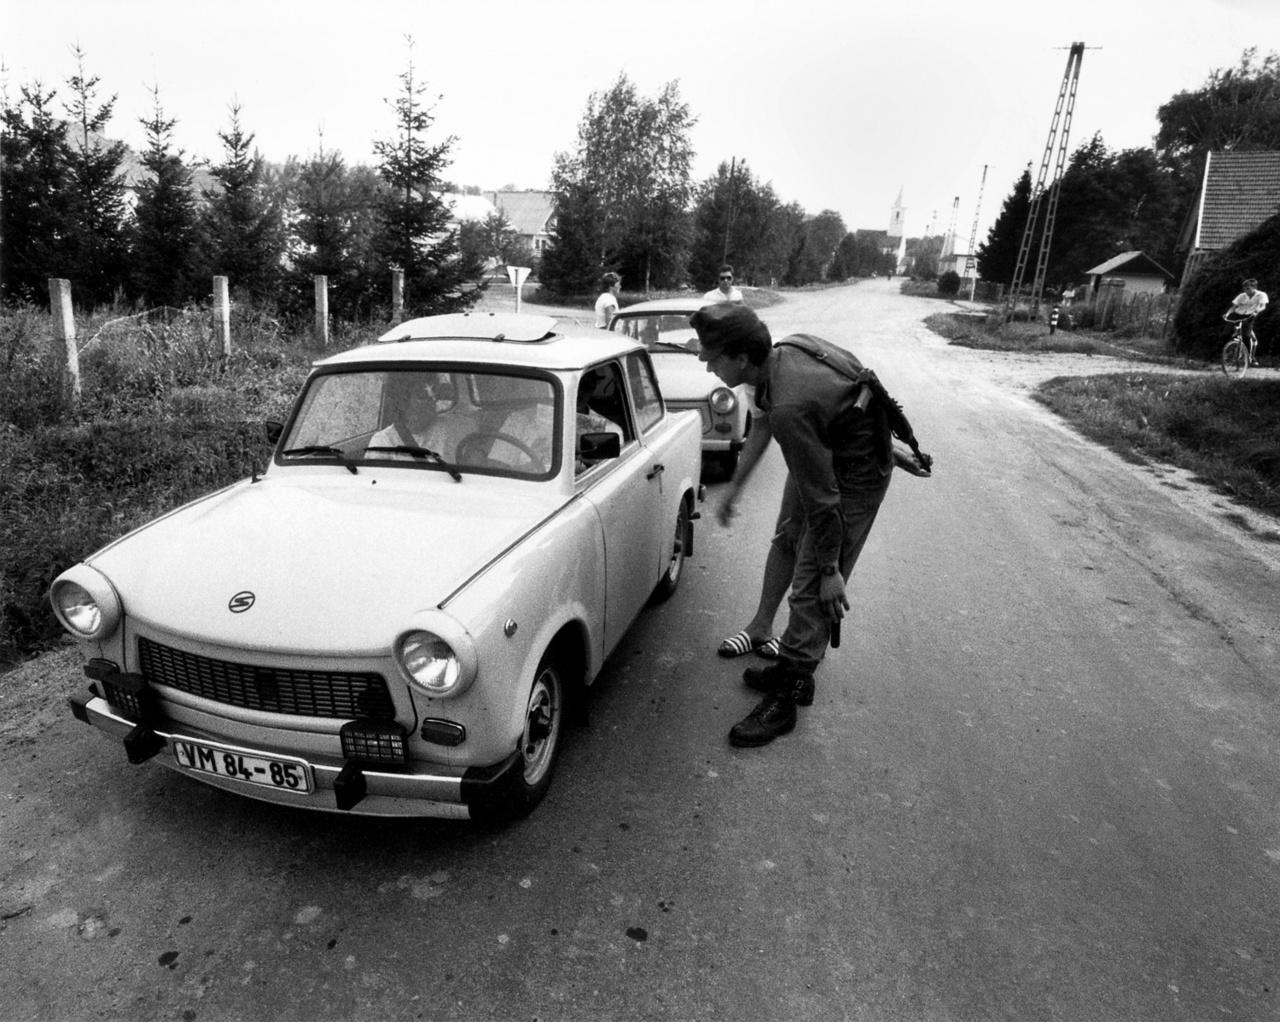 """""""A fotóriporterről általában azt gondolják, hogy bunkó, aki csak nyomja a gombot az ösztönei szerint. Pedig a fotóriporternek pontosan ugyanolyan gondolkodó embernek kell lennie, mint egy újságírónak, ha magas szinten akarja űzni a szakmáját."""" Keletnémet menekültek ellenőrzése az osztrák-magyar határon, 1989. augusztusában."""